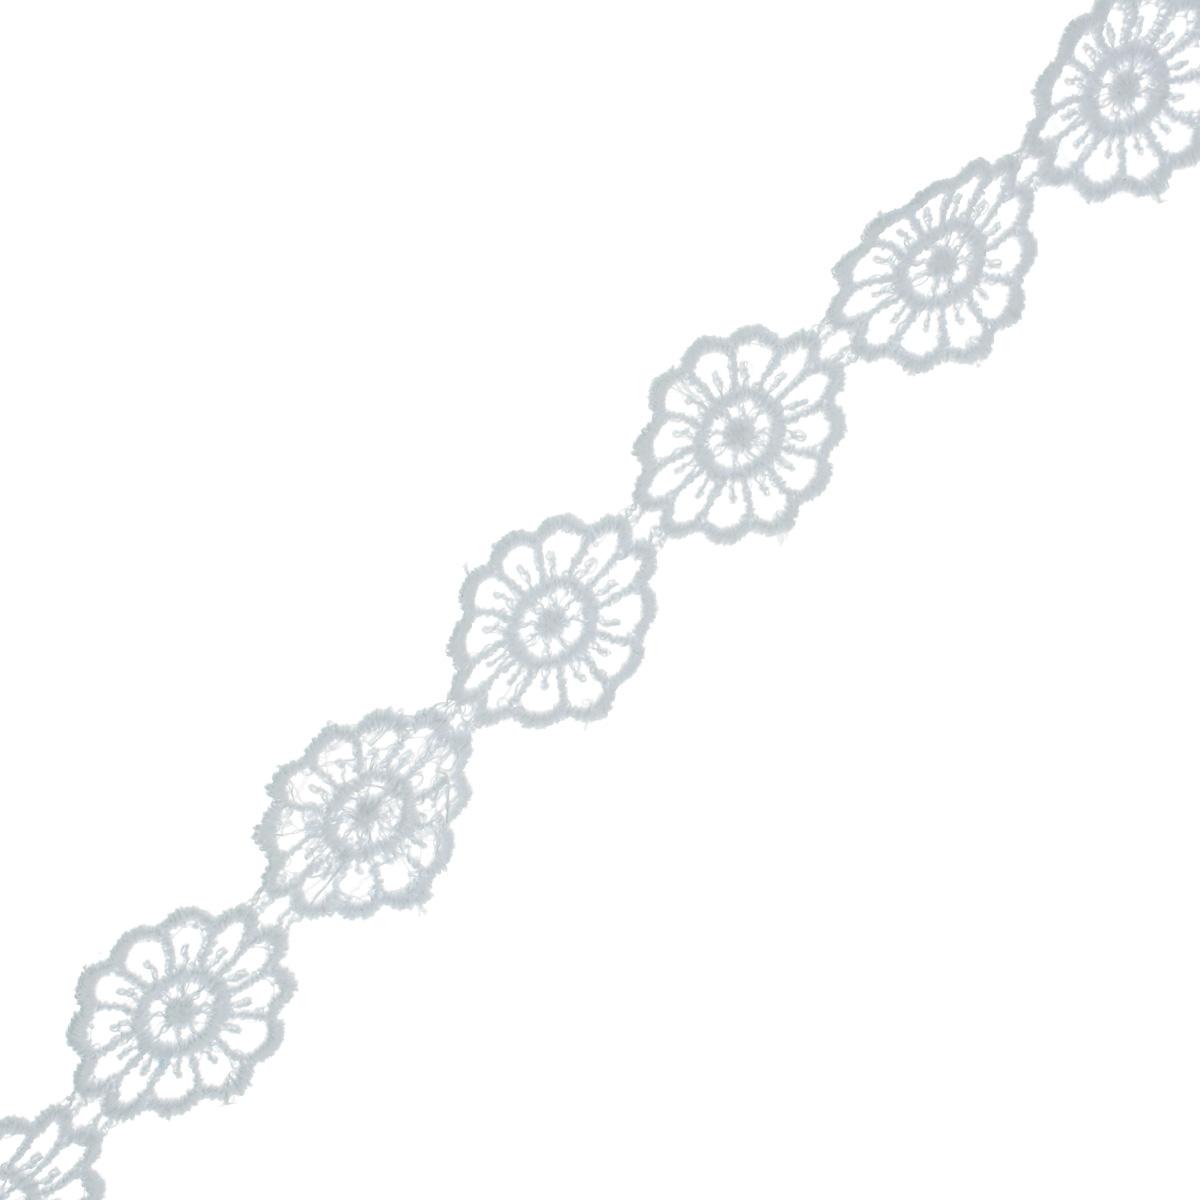 Кружево вязаное Астра, цвет: белый, ширина 2 см, длина 9 м. 77043897704389Кружево Астра, изготовленное из 35% хлопка и 65% полиэстера, предназначено для декорирования. Вязаное кружево часто применяется для завершения таких изделий, как шали, платки, кофточки, салфетки, скатерти, а также для изготовления воротников, манжет, различных отделок. Кружева широко применяются в оформлении интерьера: в виде декоративных панно, скатертей, занавесок, постельного белья (подушки, покрывала), салфеток и подстаканников. Ширина: 2 см.Длина: 9 м.